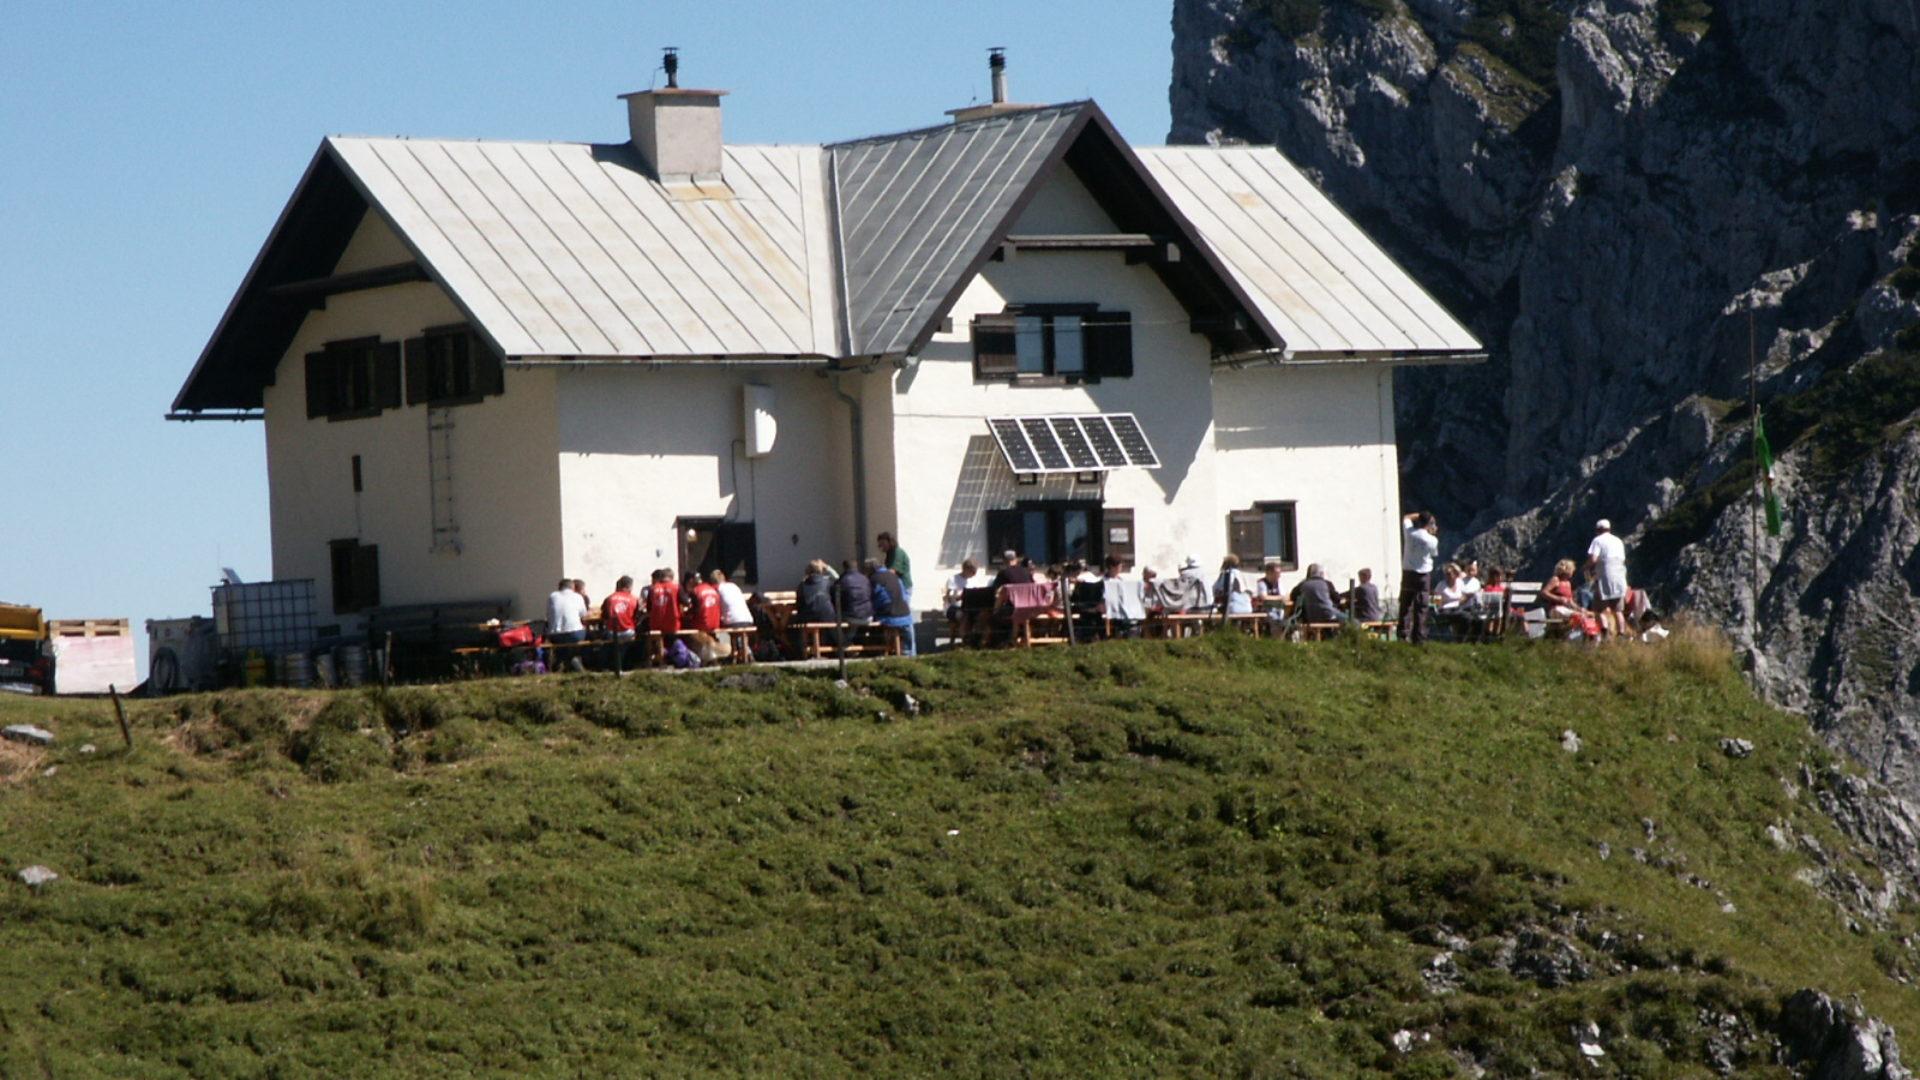 Privatzimmer Gassner Ferienwohnungen Zimmer Gesäuse Ferienwohnungen Nationalpark Gesäuse